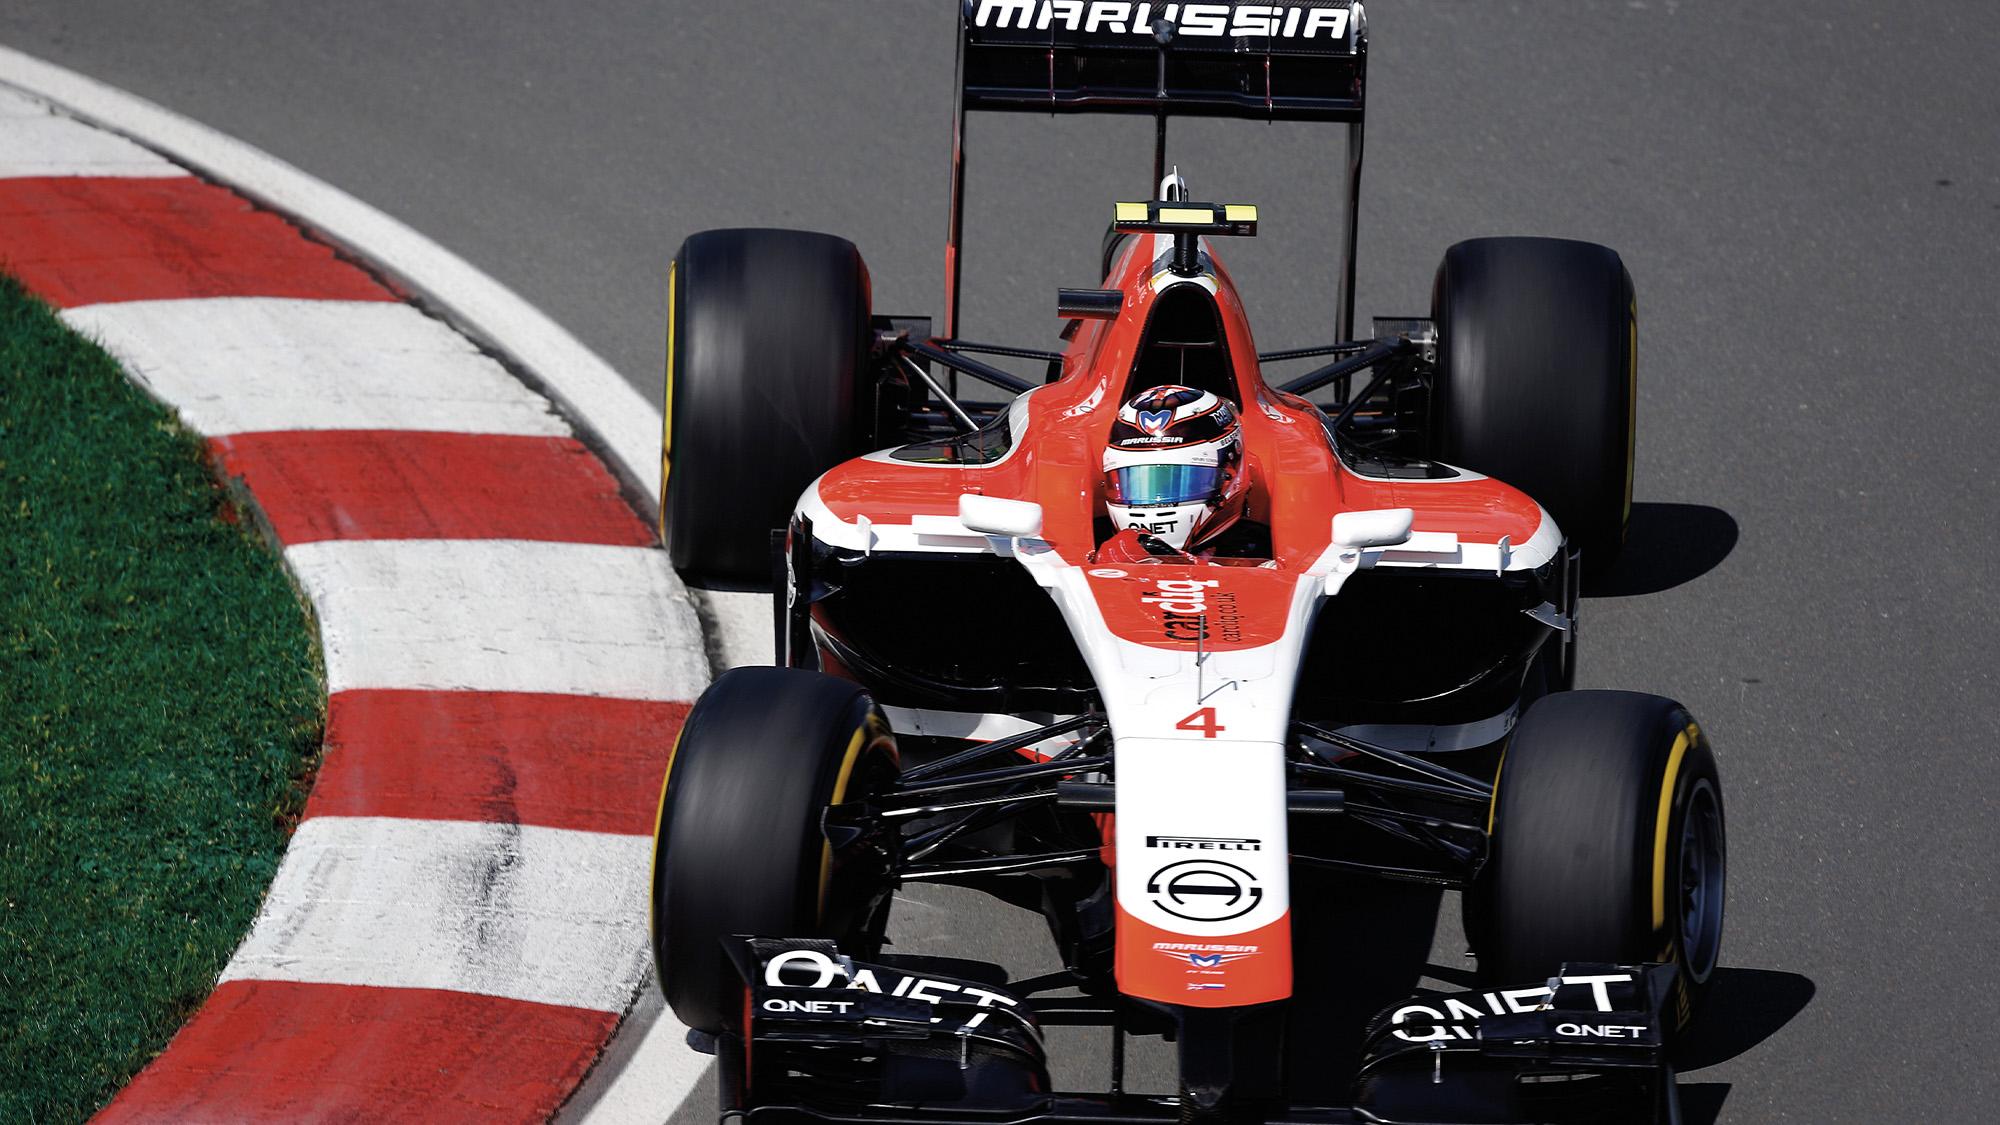 Max Chilton in a Marussia